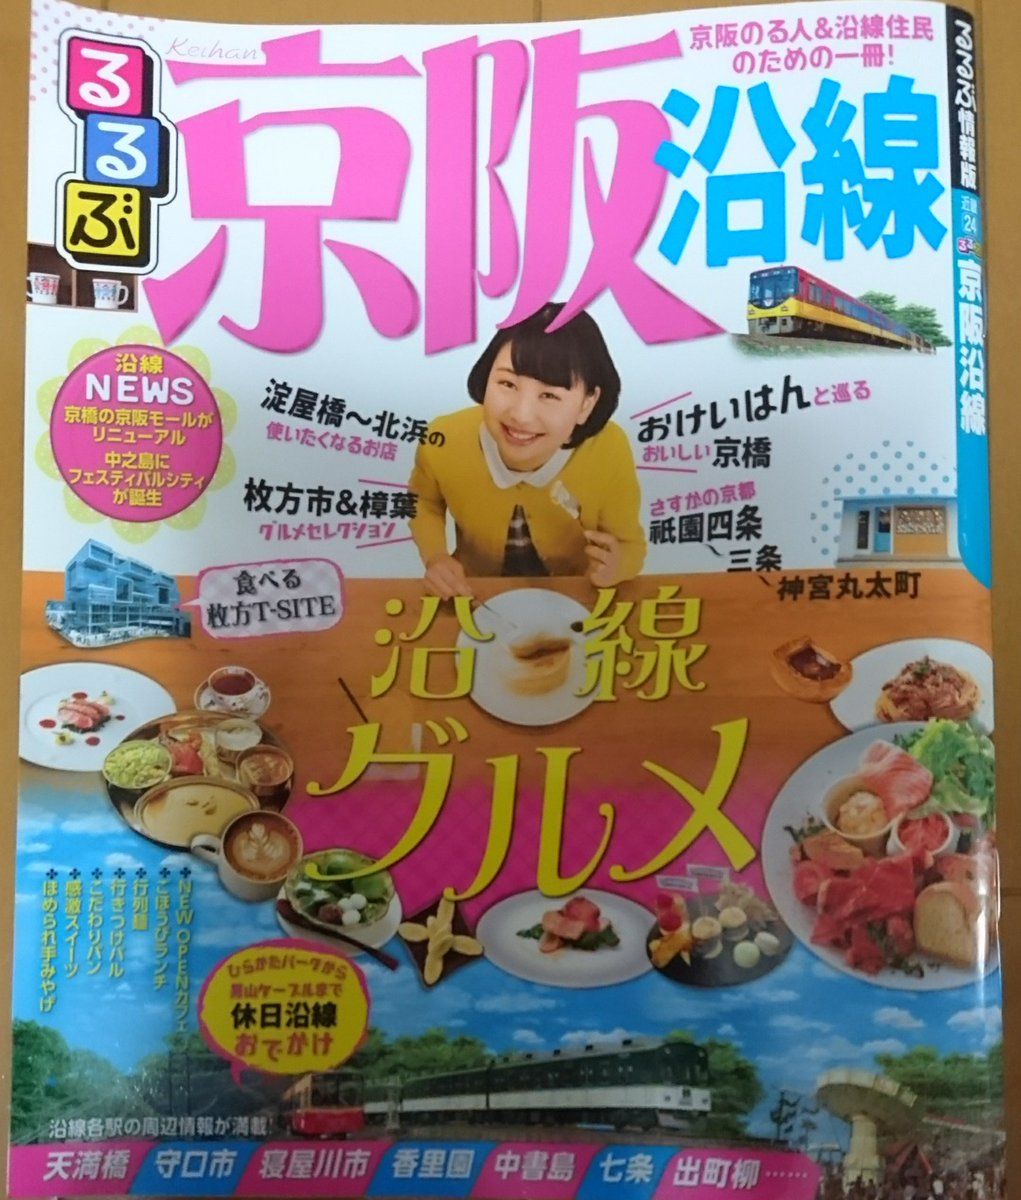 「るるぶ京阪沿線」購入!「響け!ユーフォニアム」の事も書いてあった!#anime_eupho#響けユーフォニアム